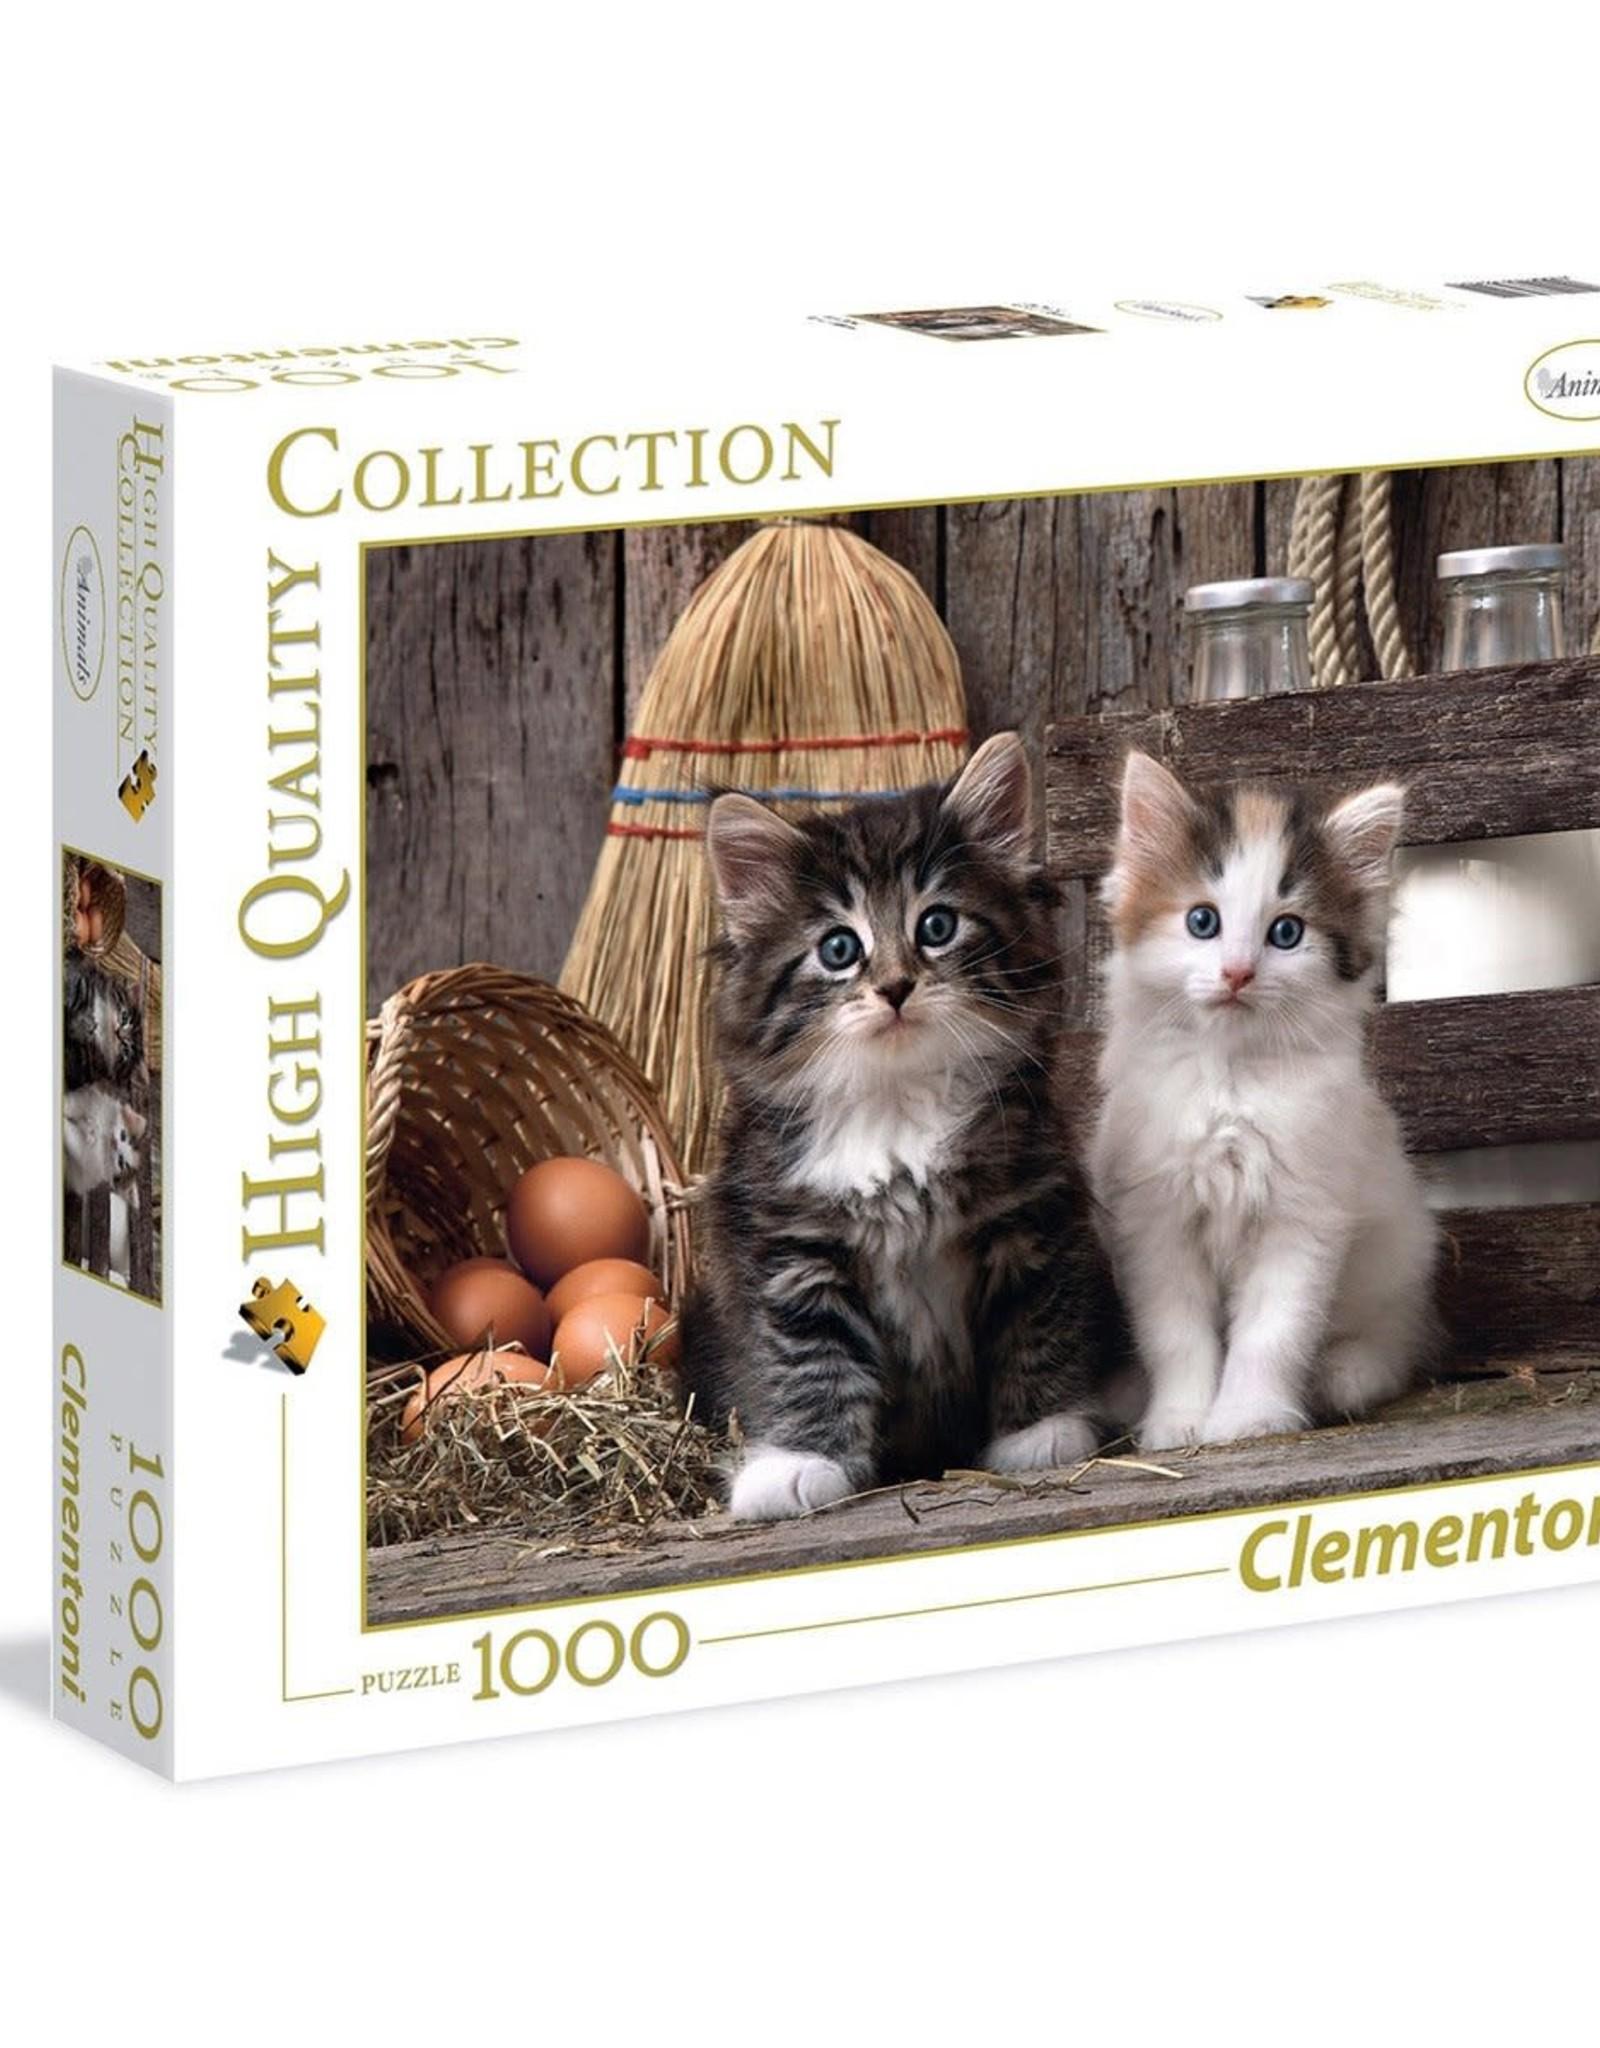 Clementoni 1000PC HQC - LOVELY KITTENS